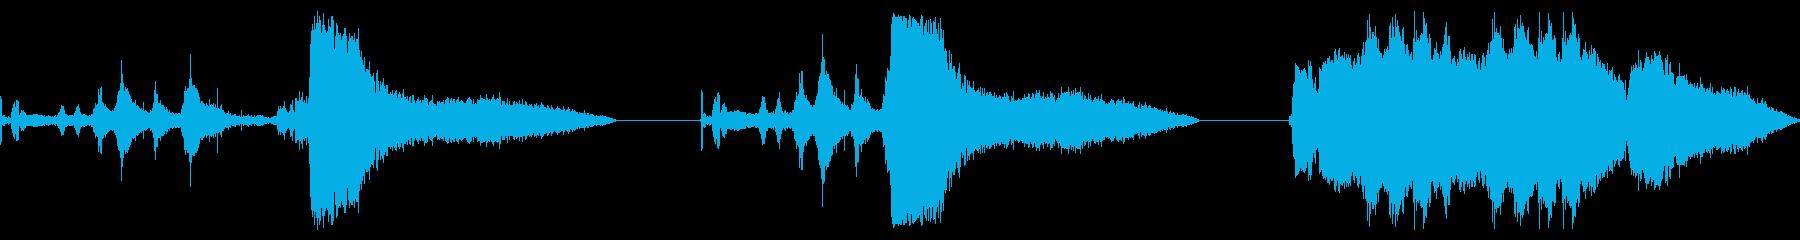 ラリーカー、リバービング、テイクオ...の再生済みの波形